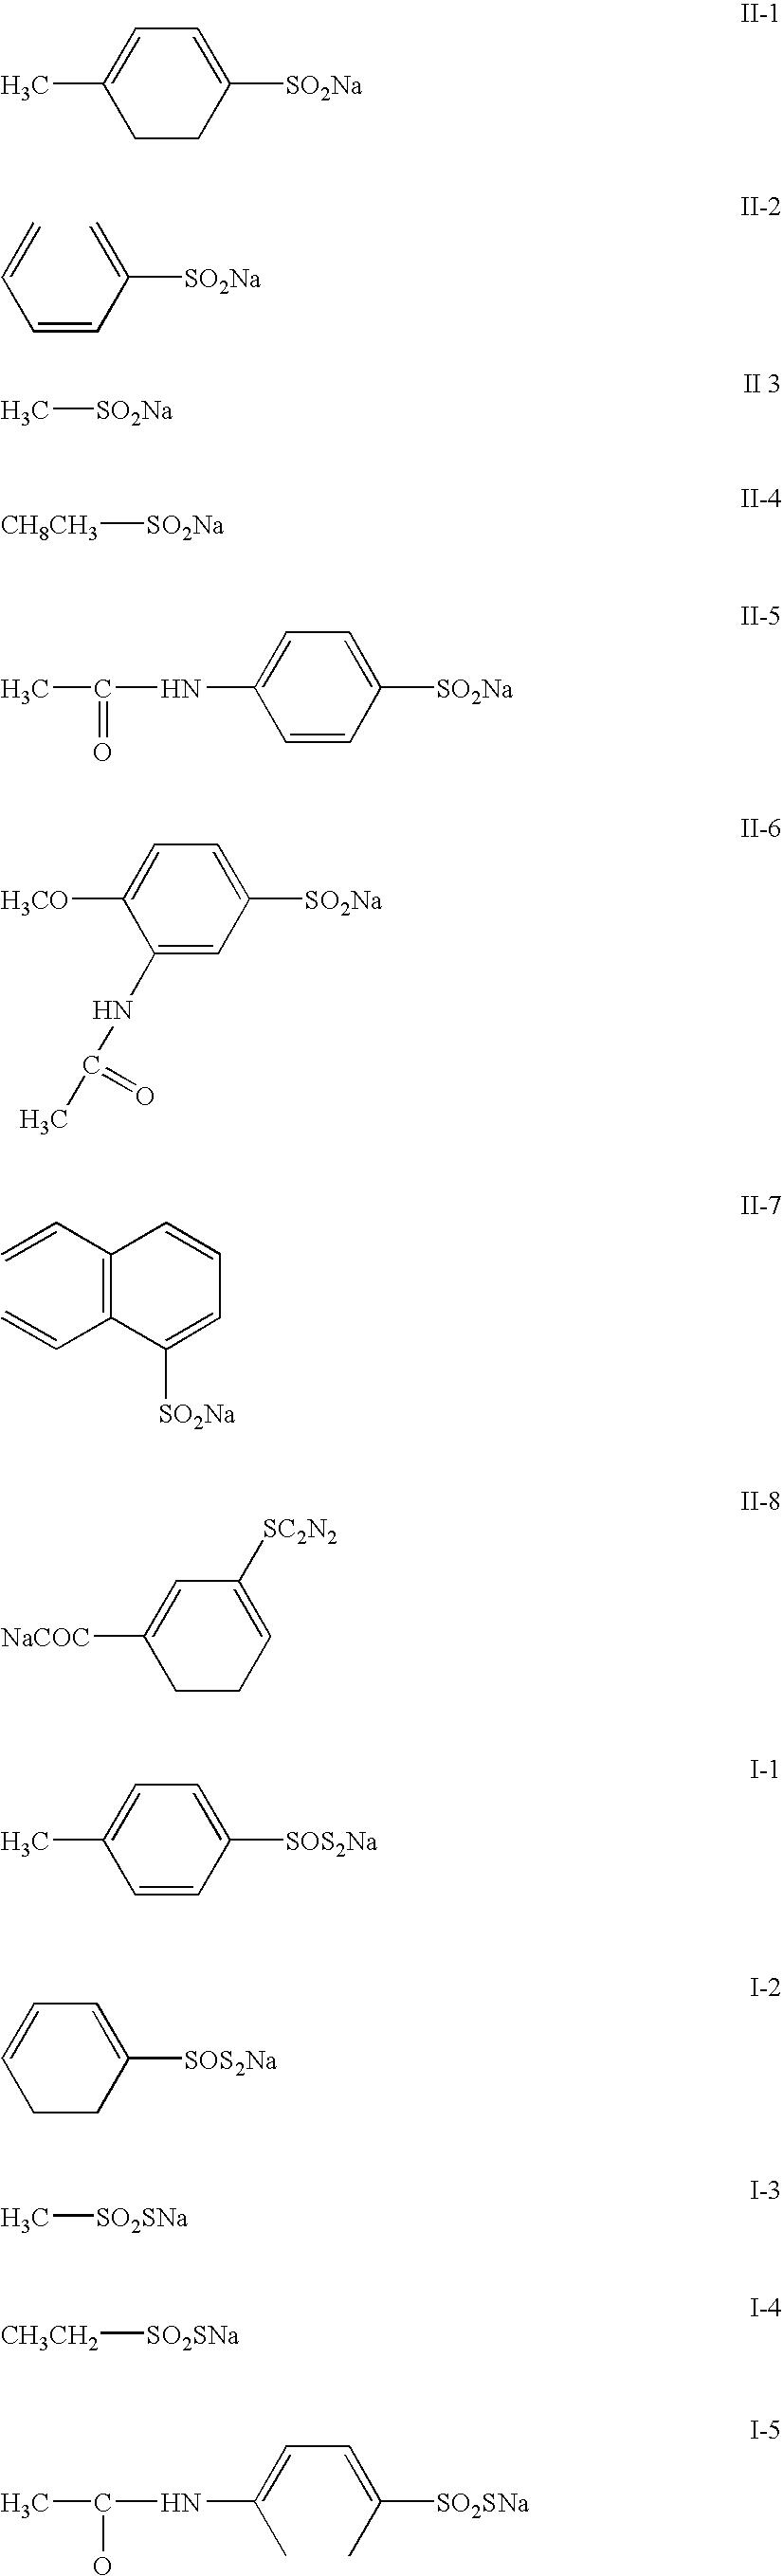 Figure US20060182906A1-20060817-C00003